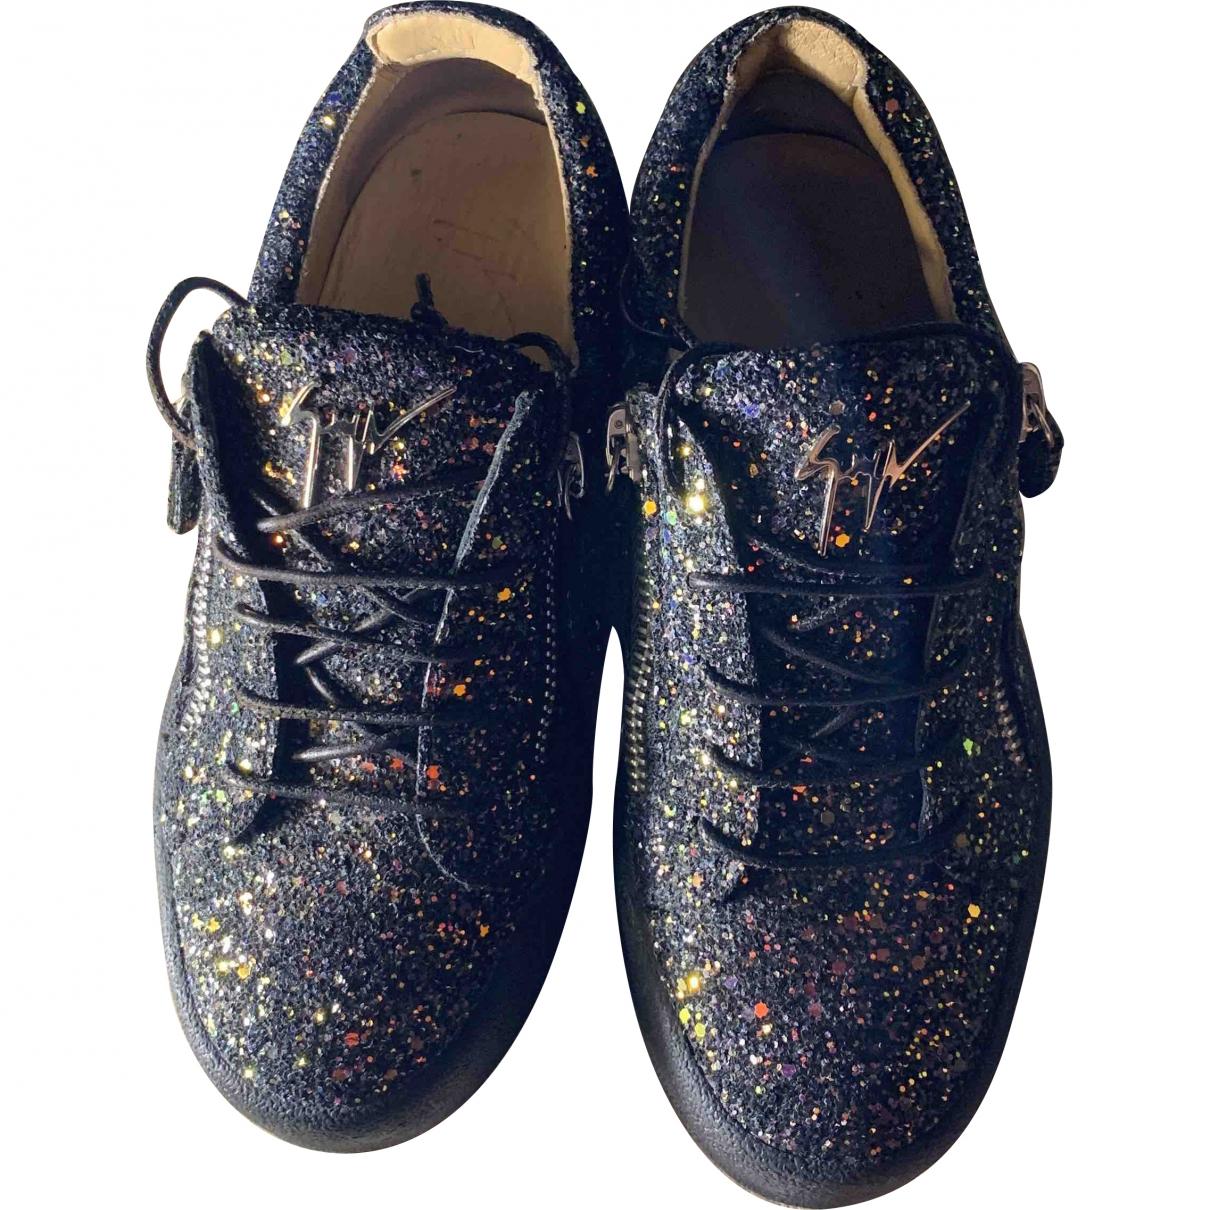 Giuseppe Zanotti Nicki Sneakers in  Blau Mit Pailletten